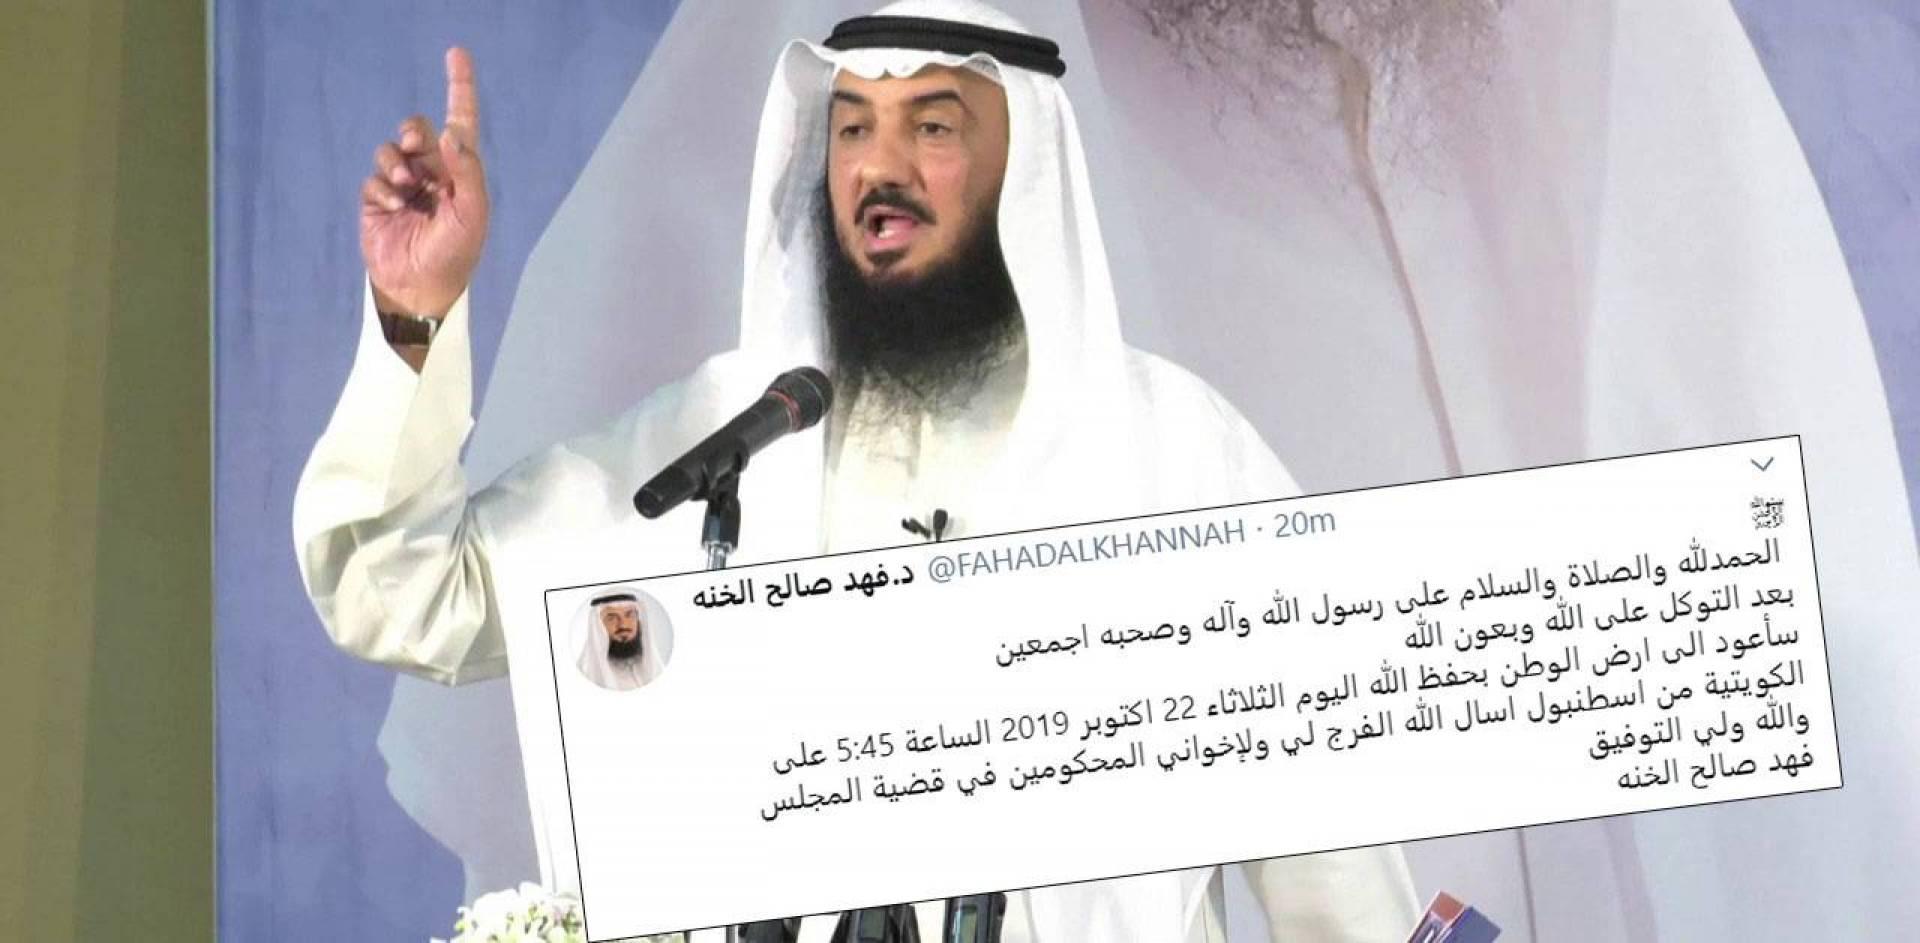 الدكتور فهد الخنة.. يعلن عودته اليوم إلى الكويت